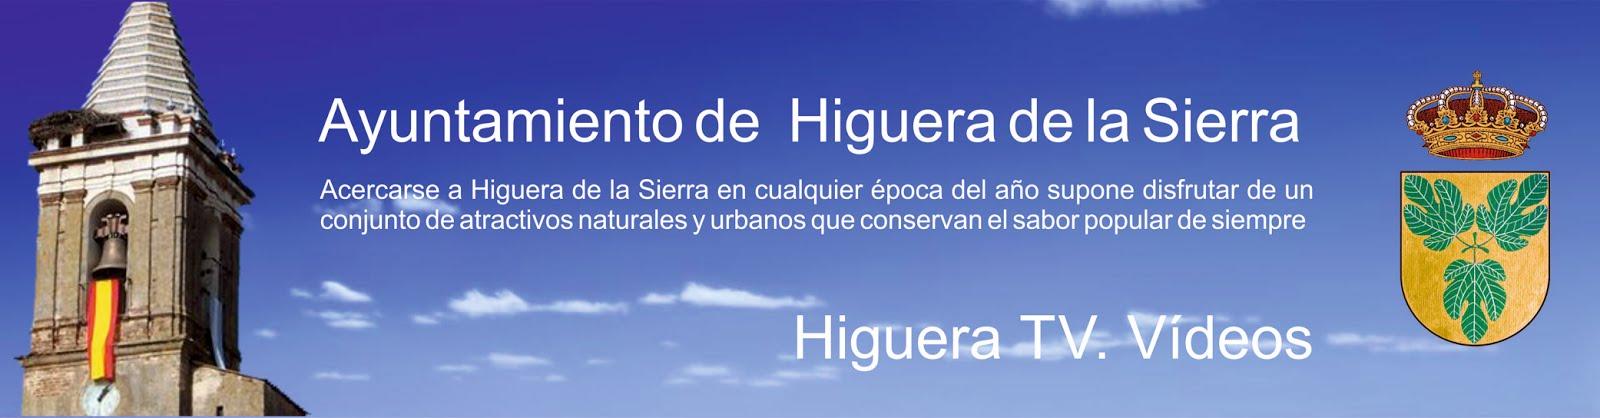 Vídeos de Higuera de la Sierra